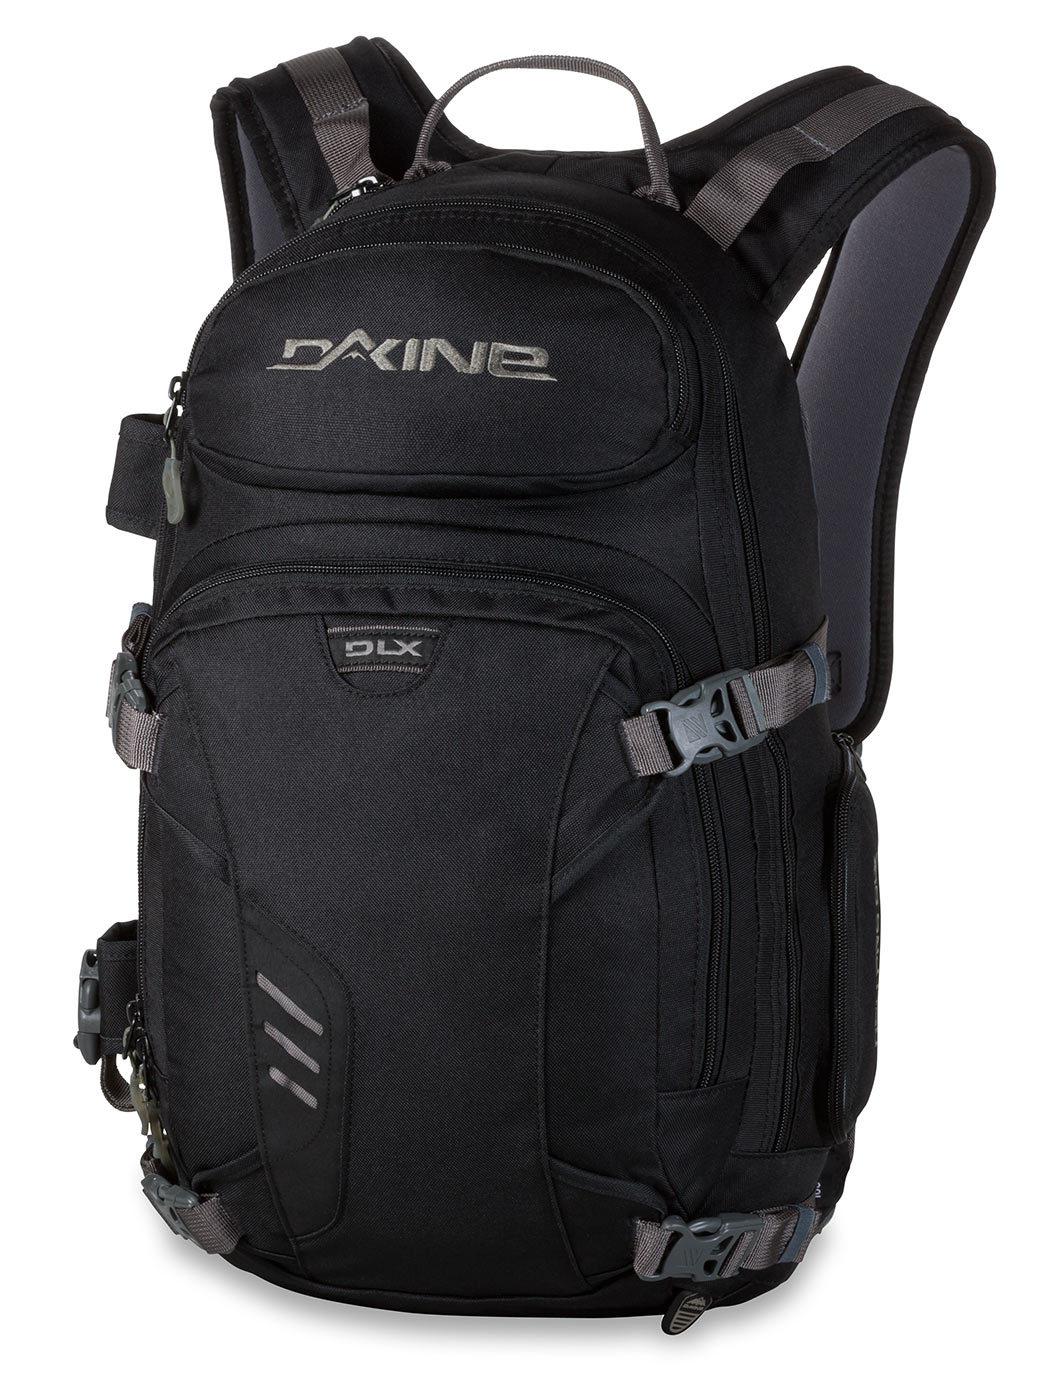 Dakine Heli Pro DLX 24L Рюкзак для сноуборда Dakine Heli Pro DLX 20L Black 8100600_005_HELIPRODLX20L_BLACK.jpg